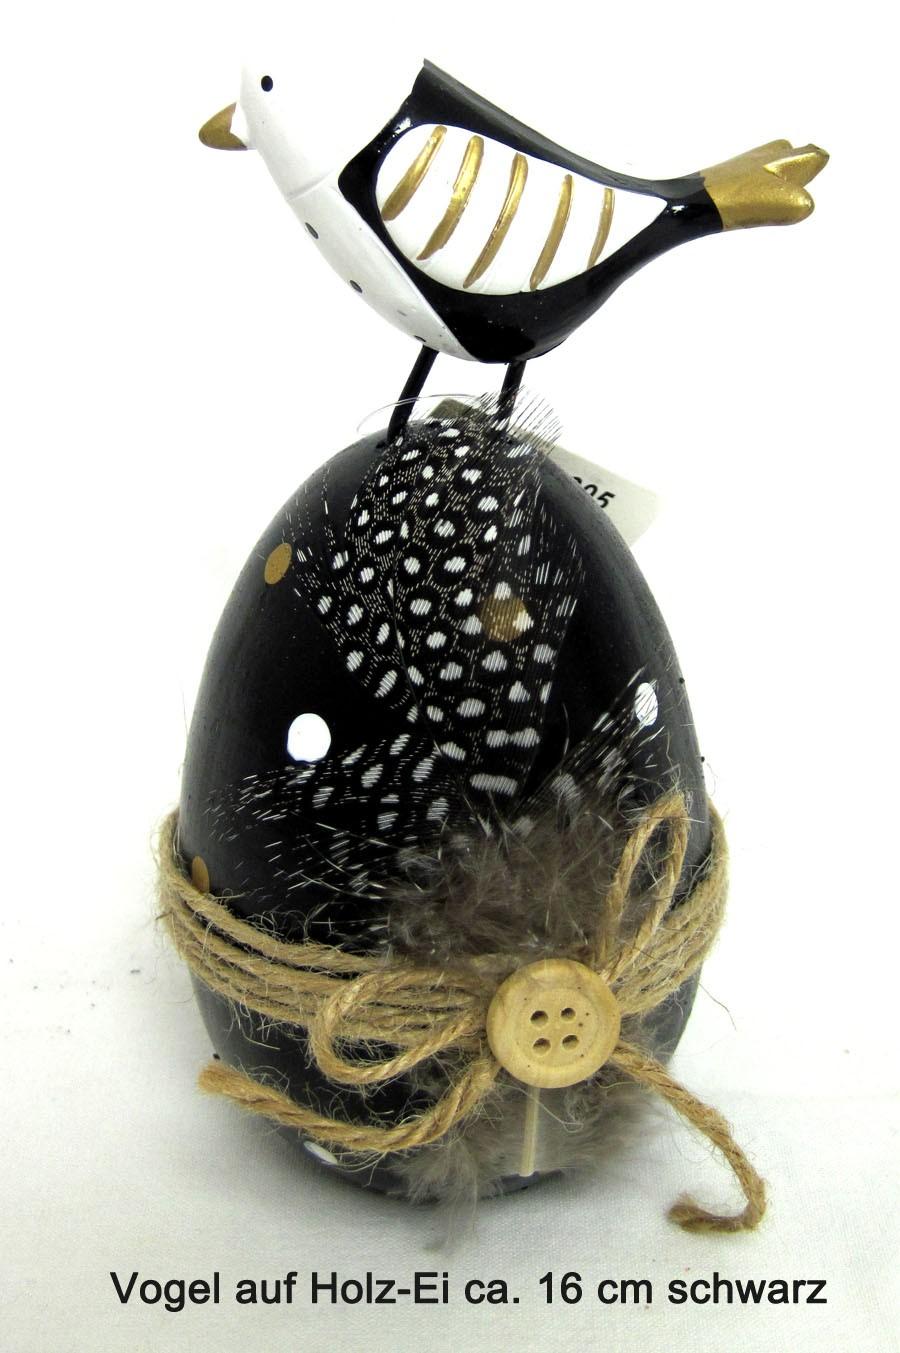 Vogel auf Holz-Ei schwarz 16x8 cm (HxB)